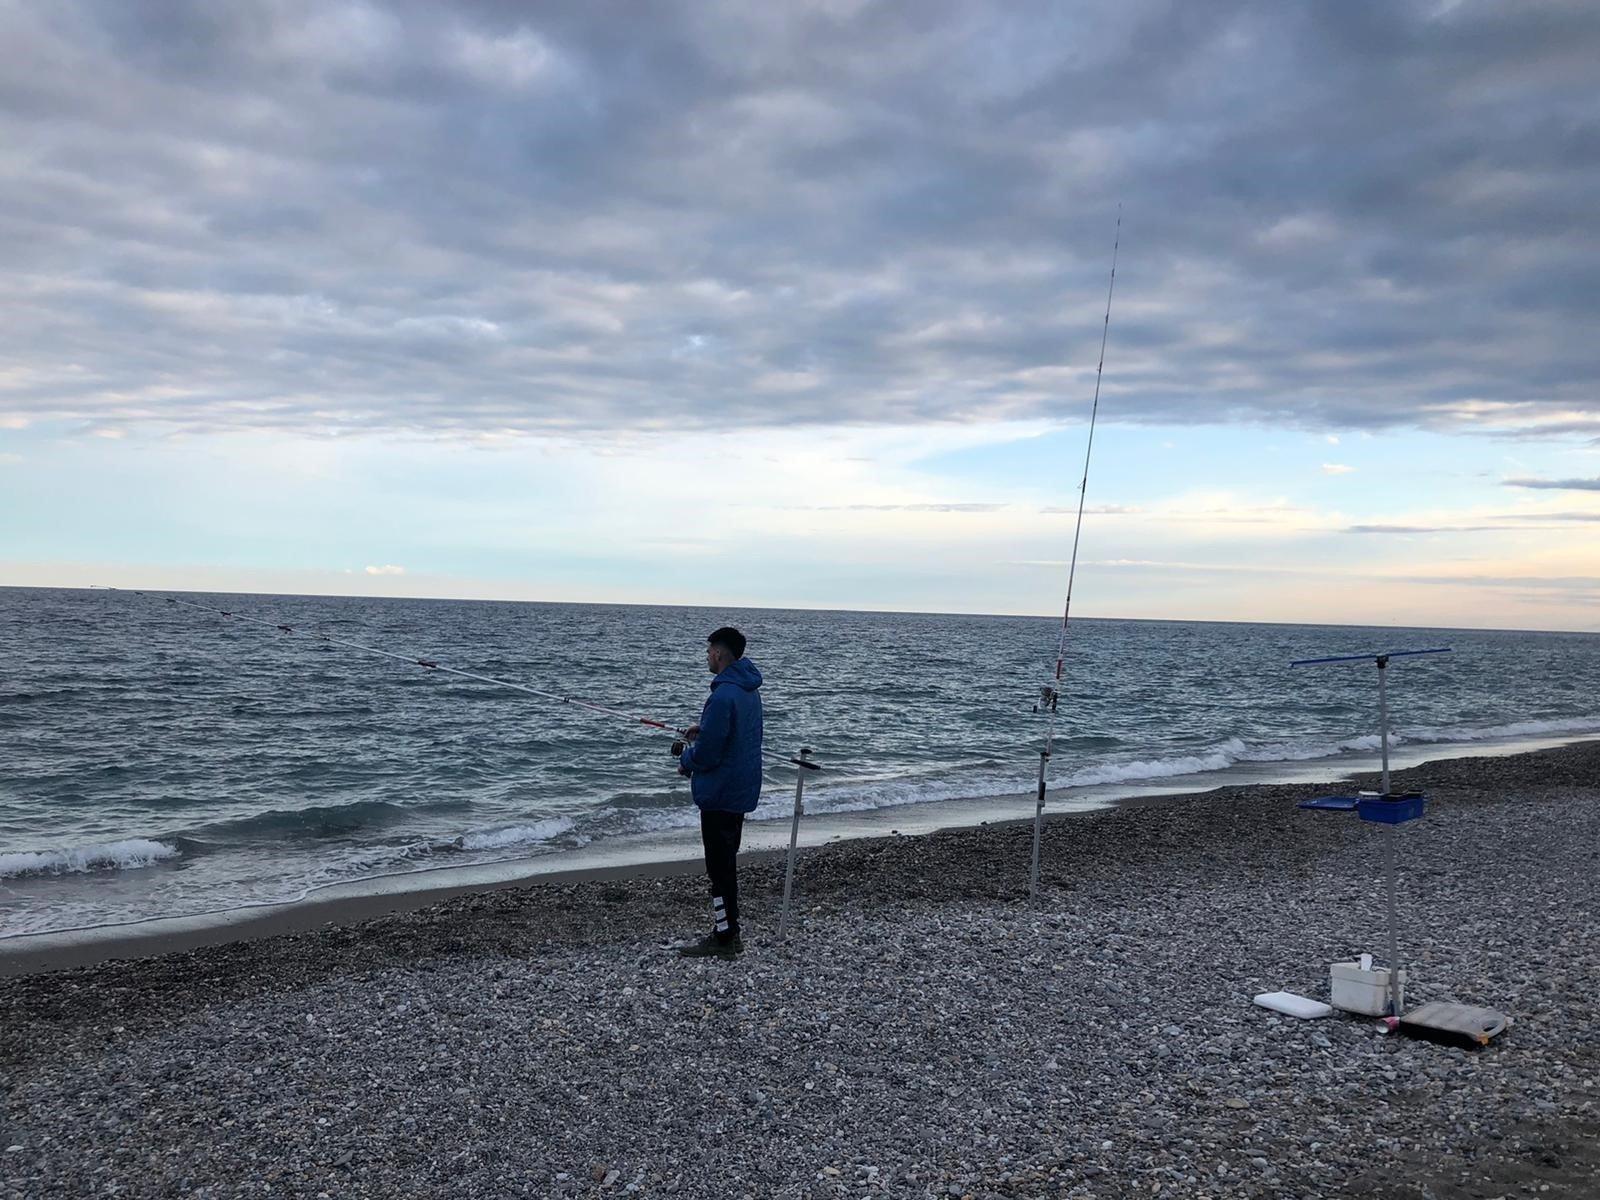 Motril regula la pesca deportiva y recreativa durante la crisis sanitaria